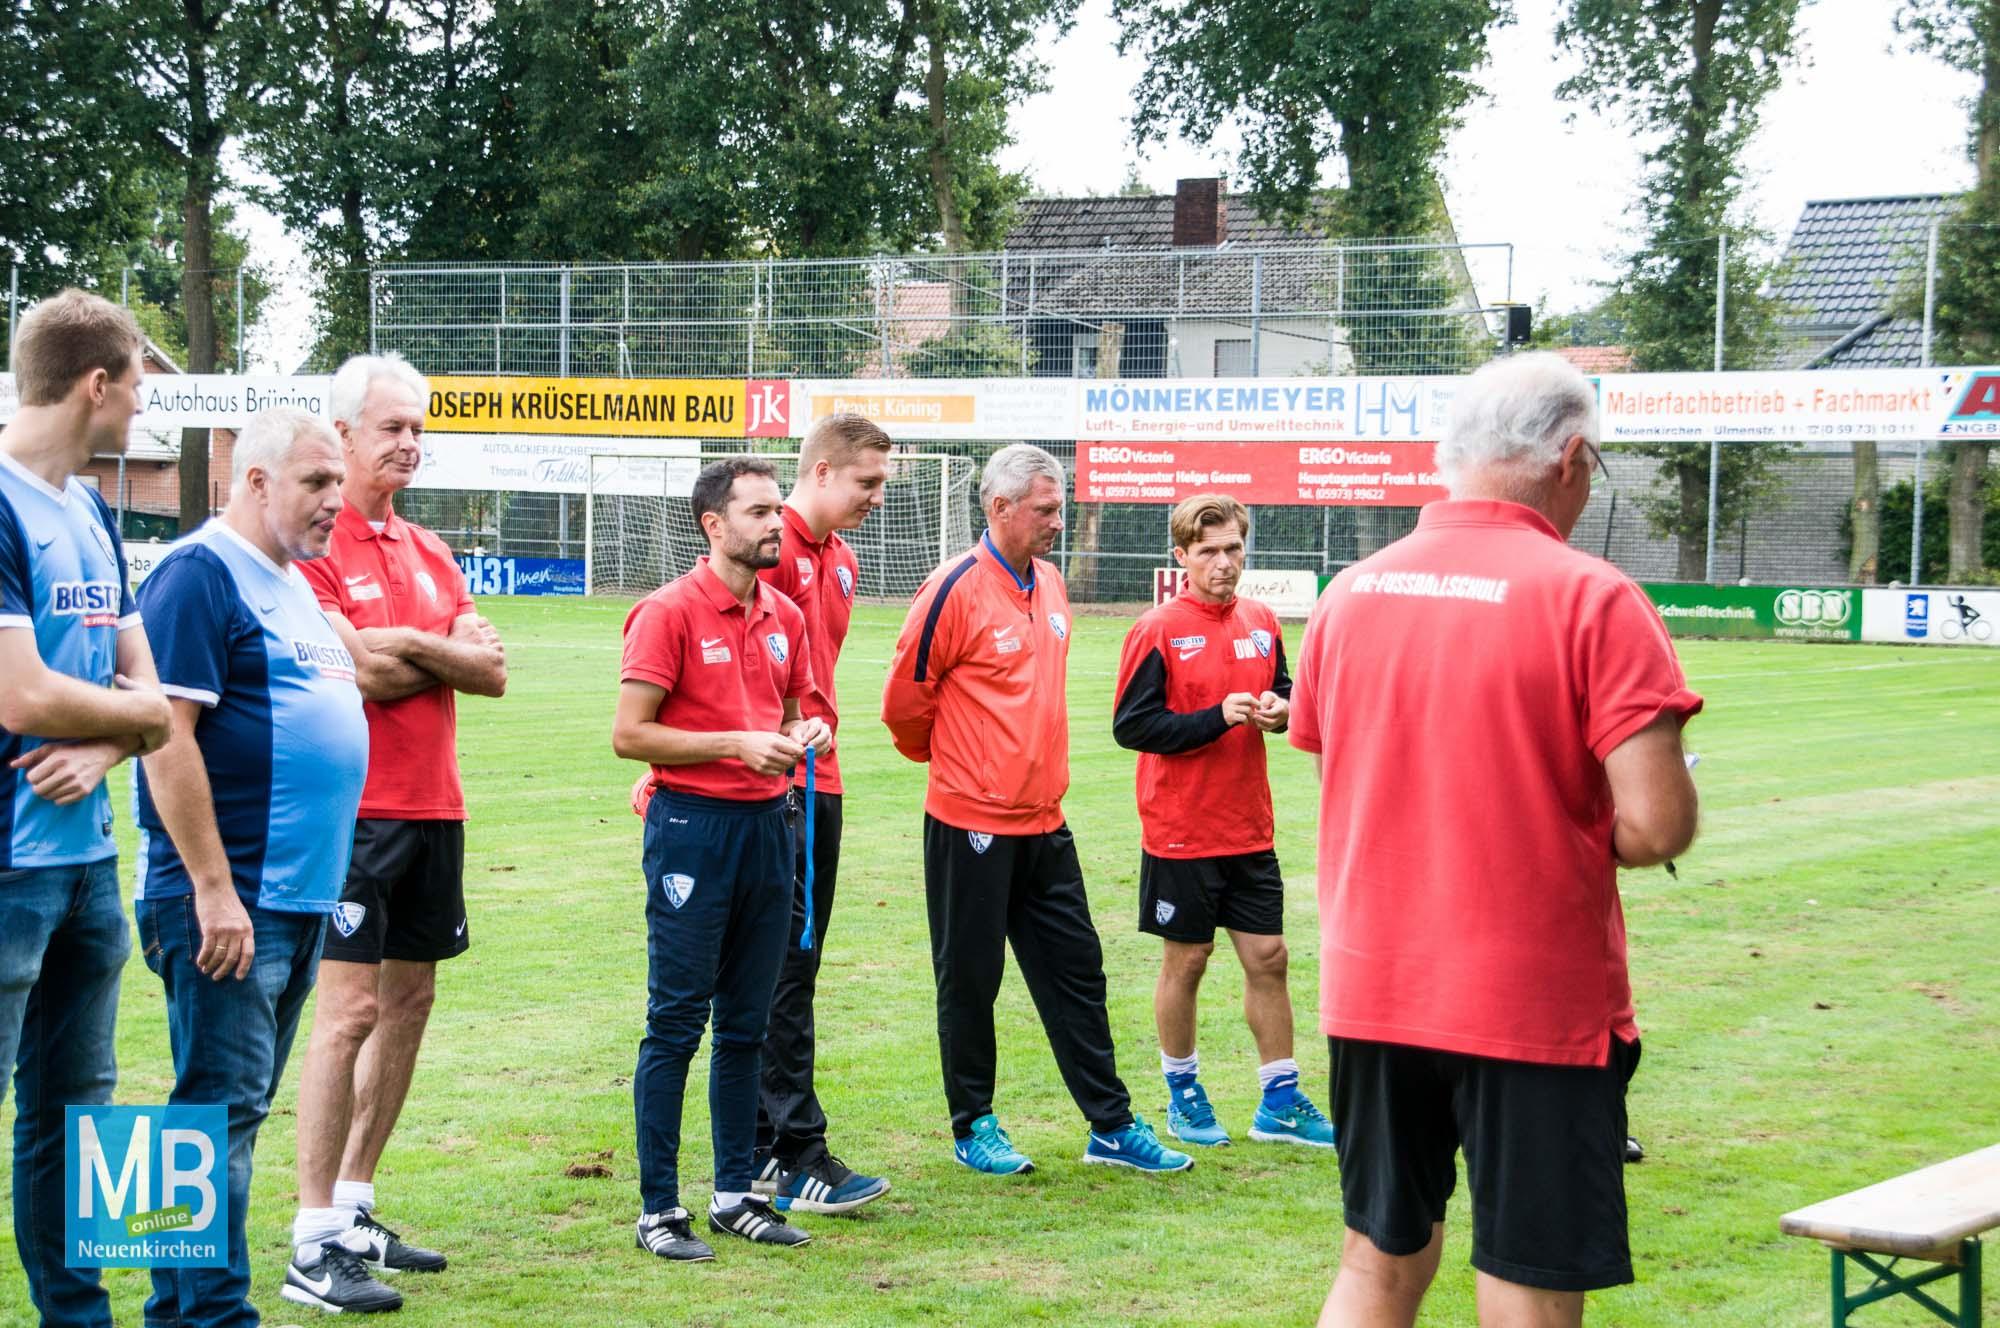 Fußballschule zu Gast in Neuenkirchen